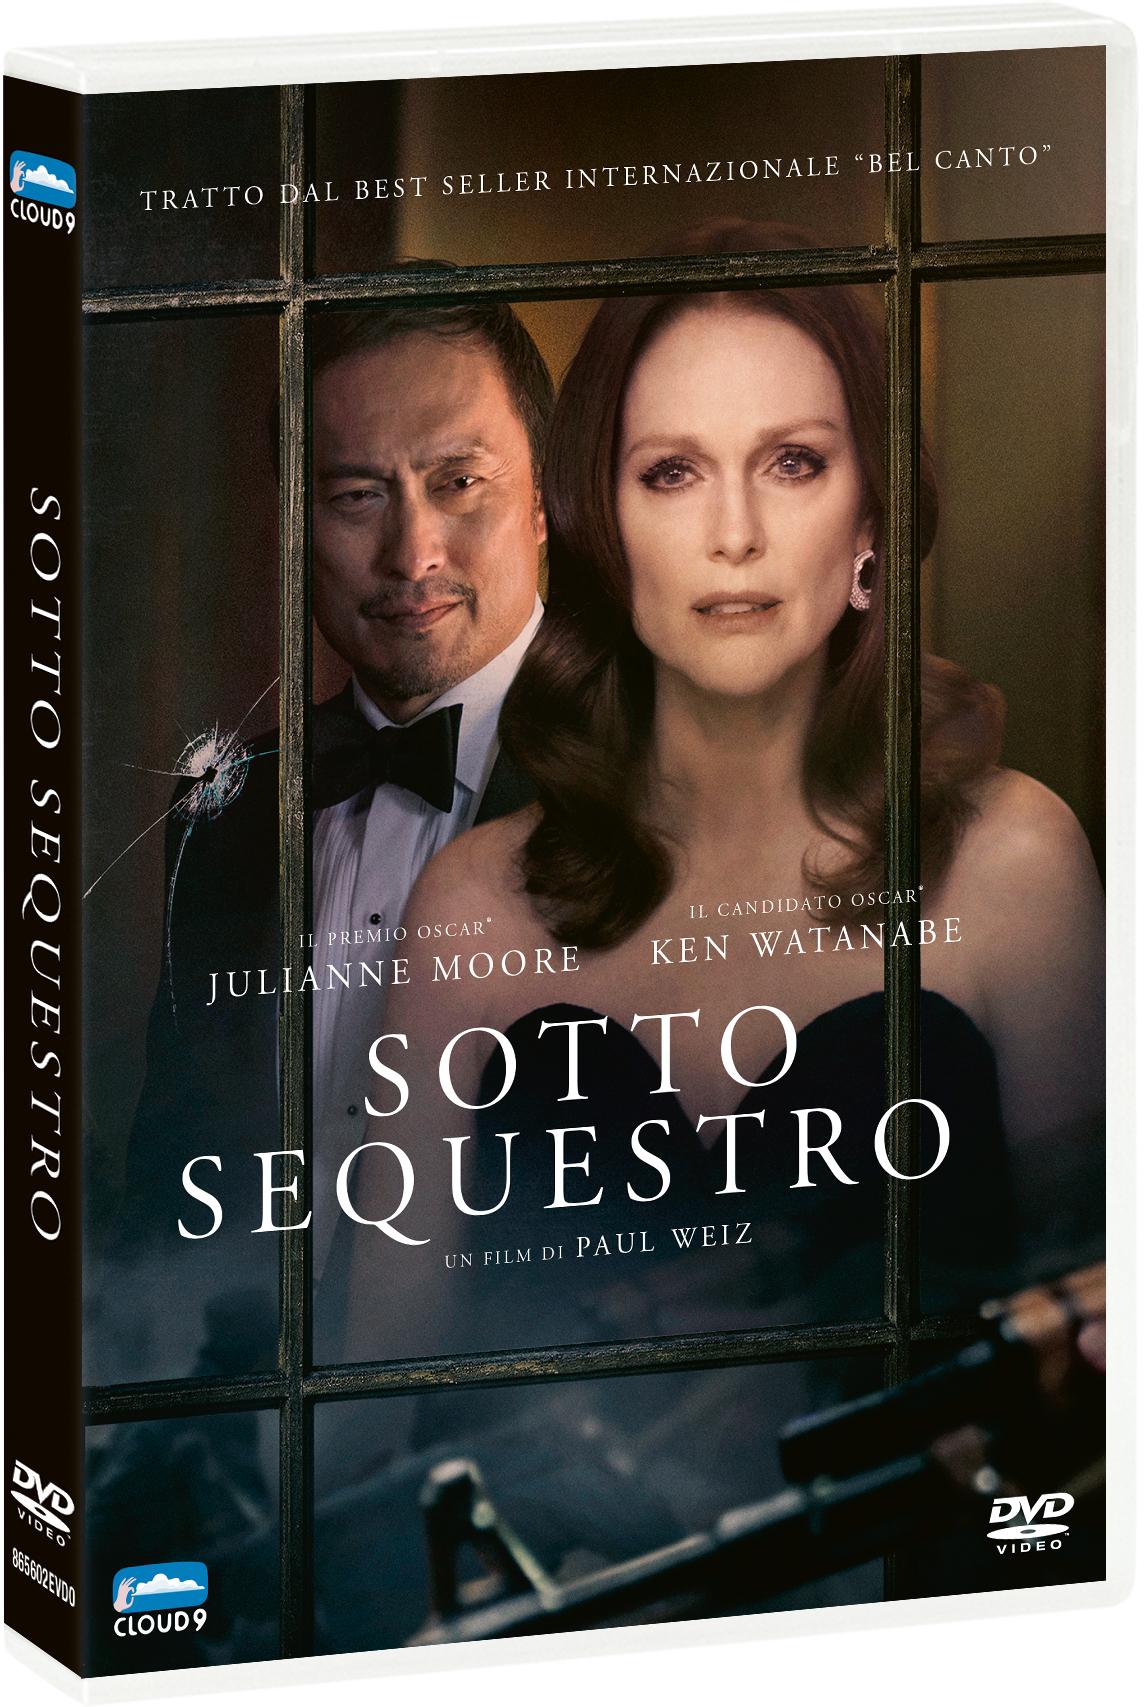 SOTTO SEQUESTRO (DVD)